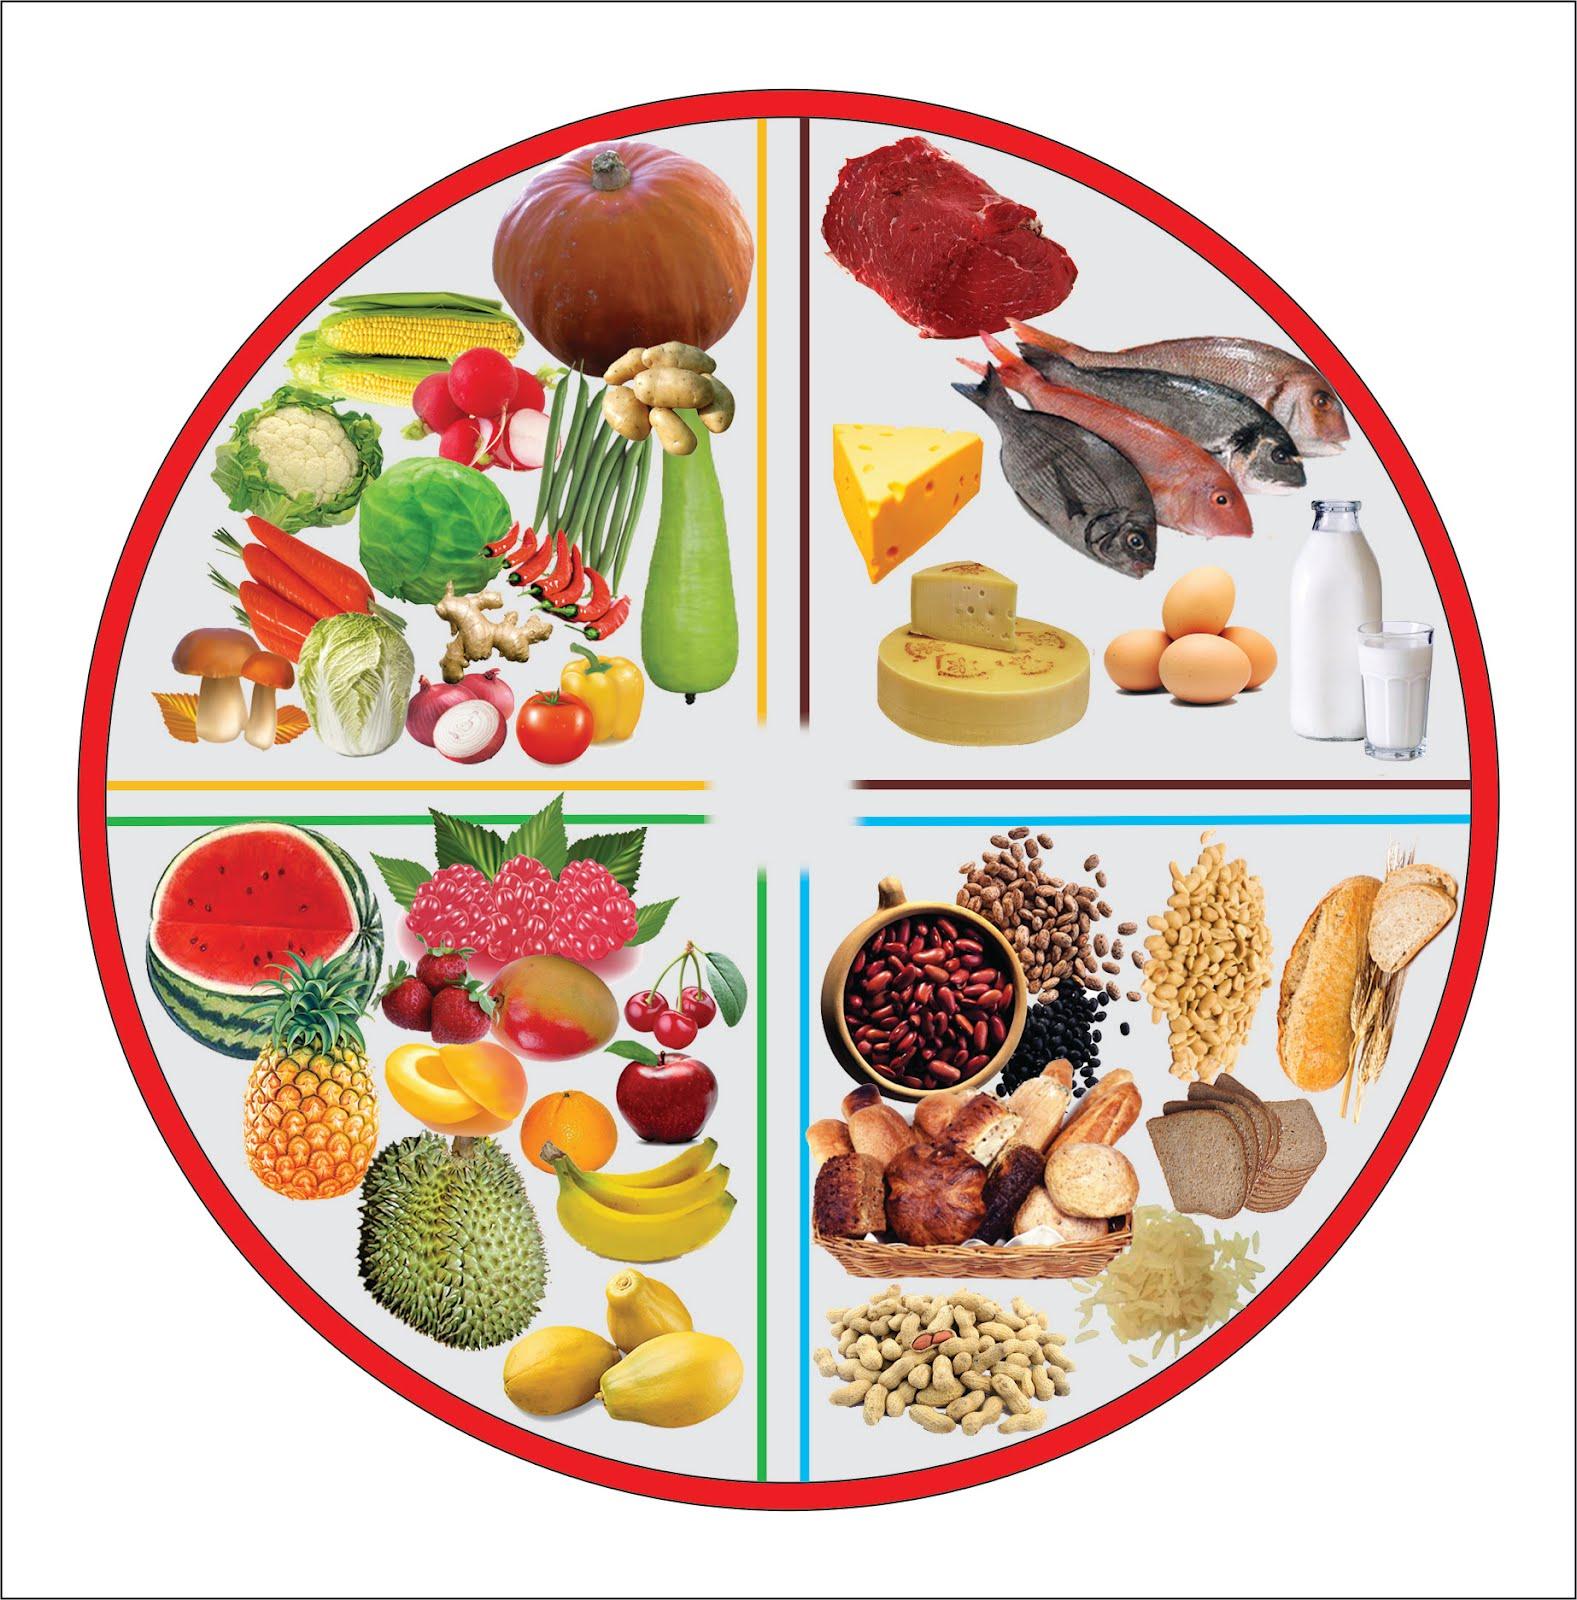 dieta senza glutine rischi